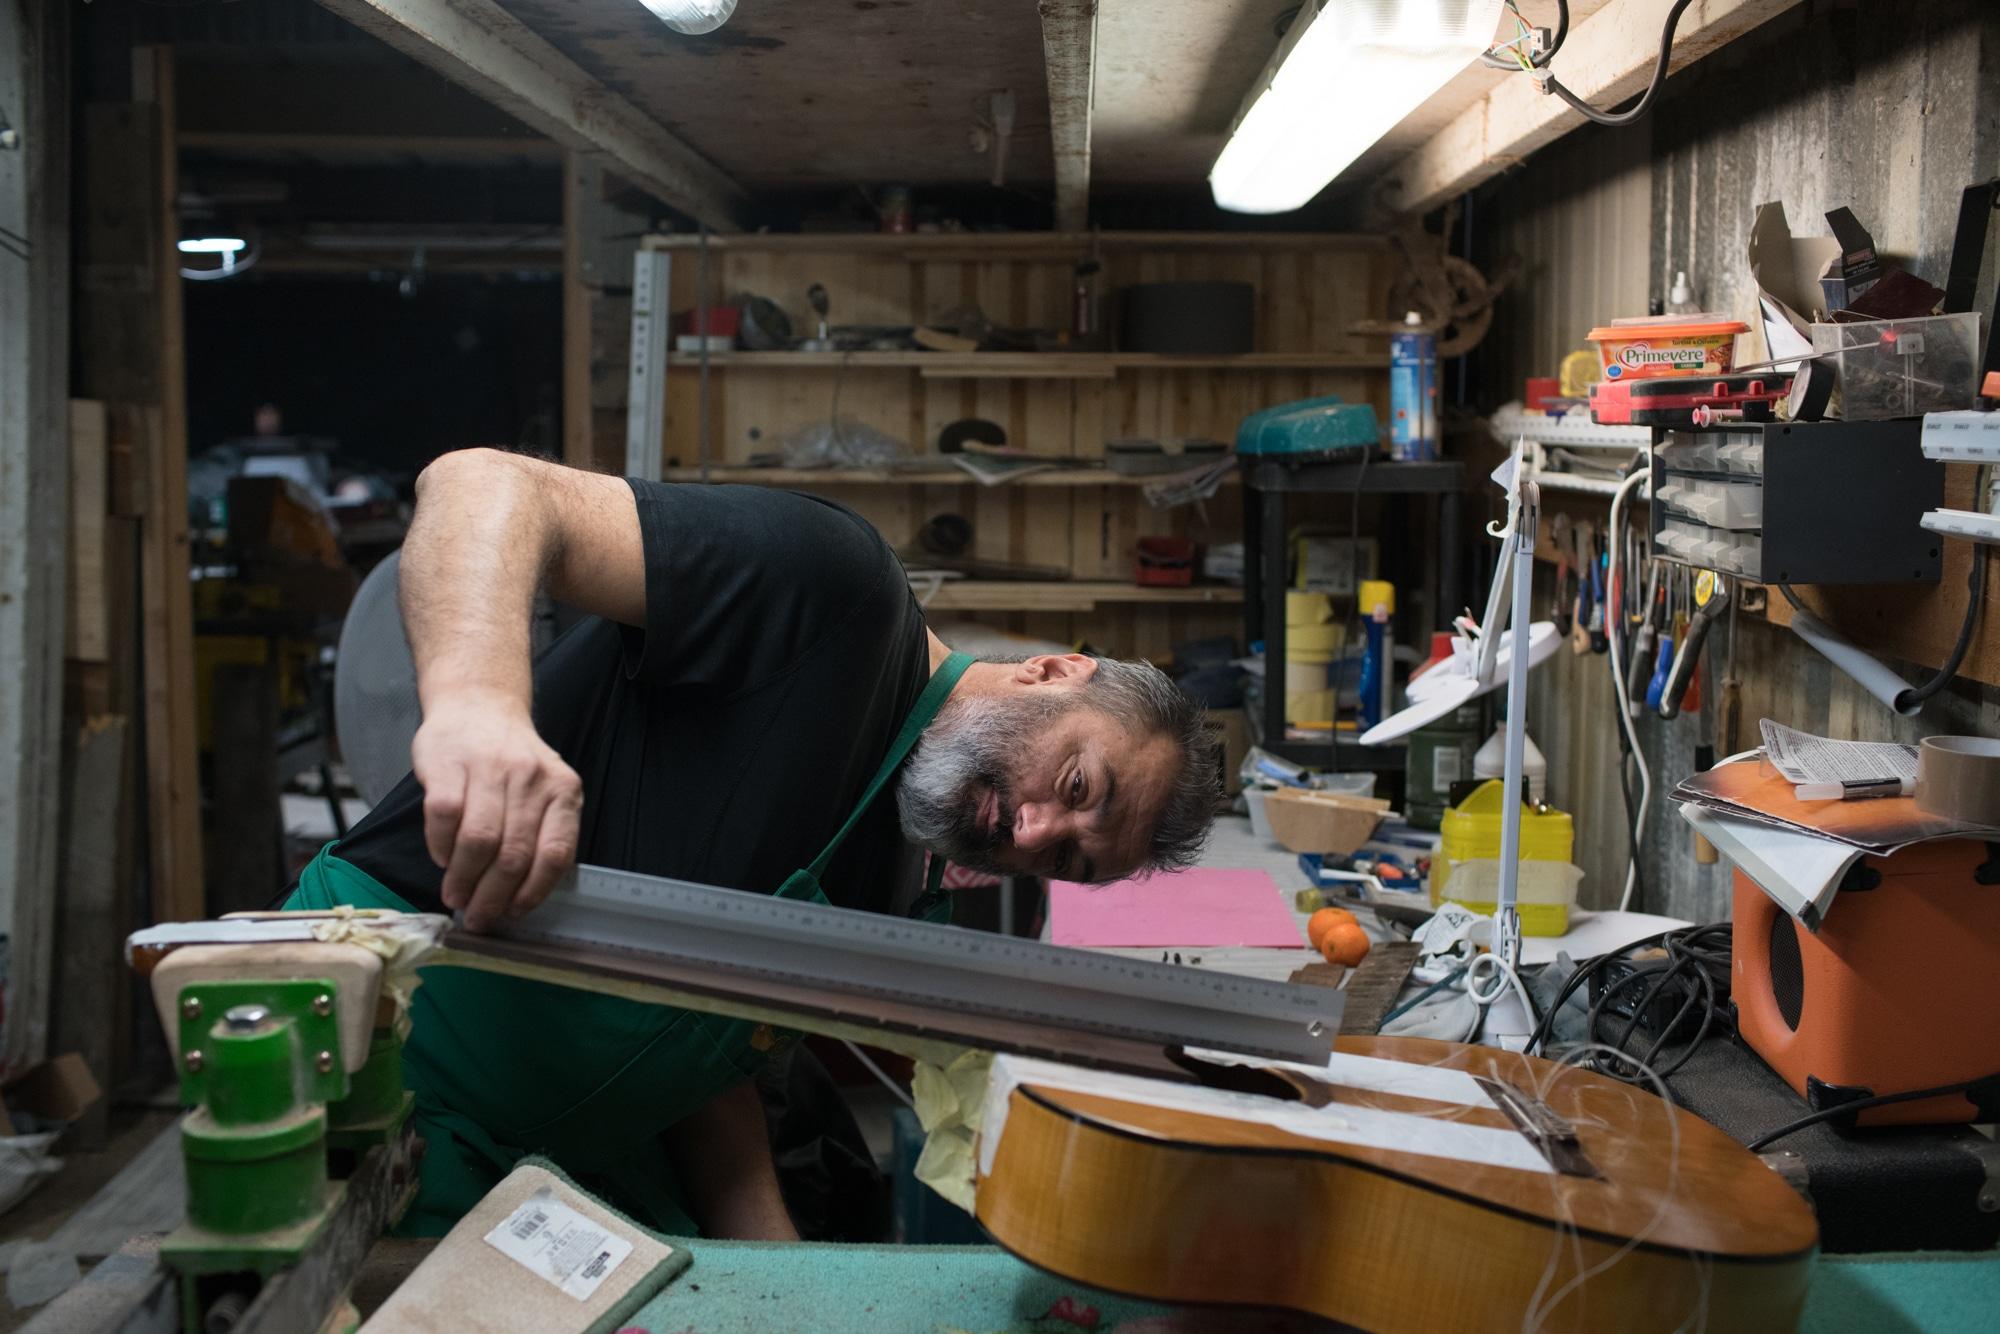 À l'aide d'une règle en fer, Pierre vérifie la courbure du manche de la guitare.